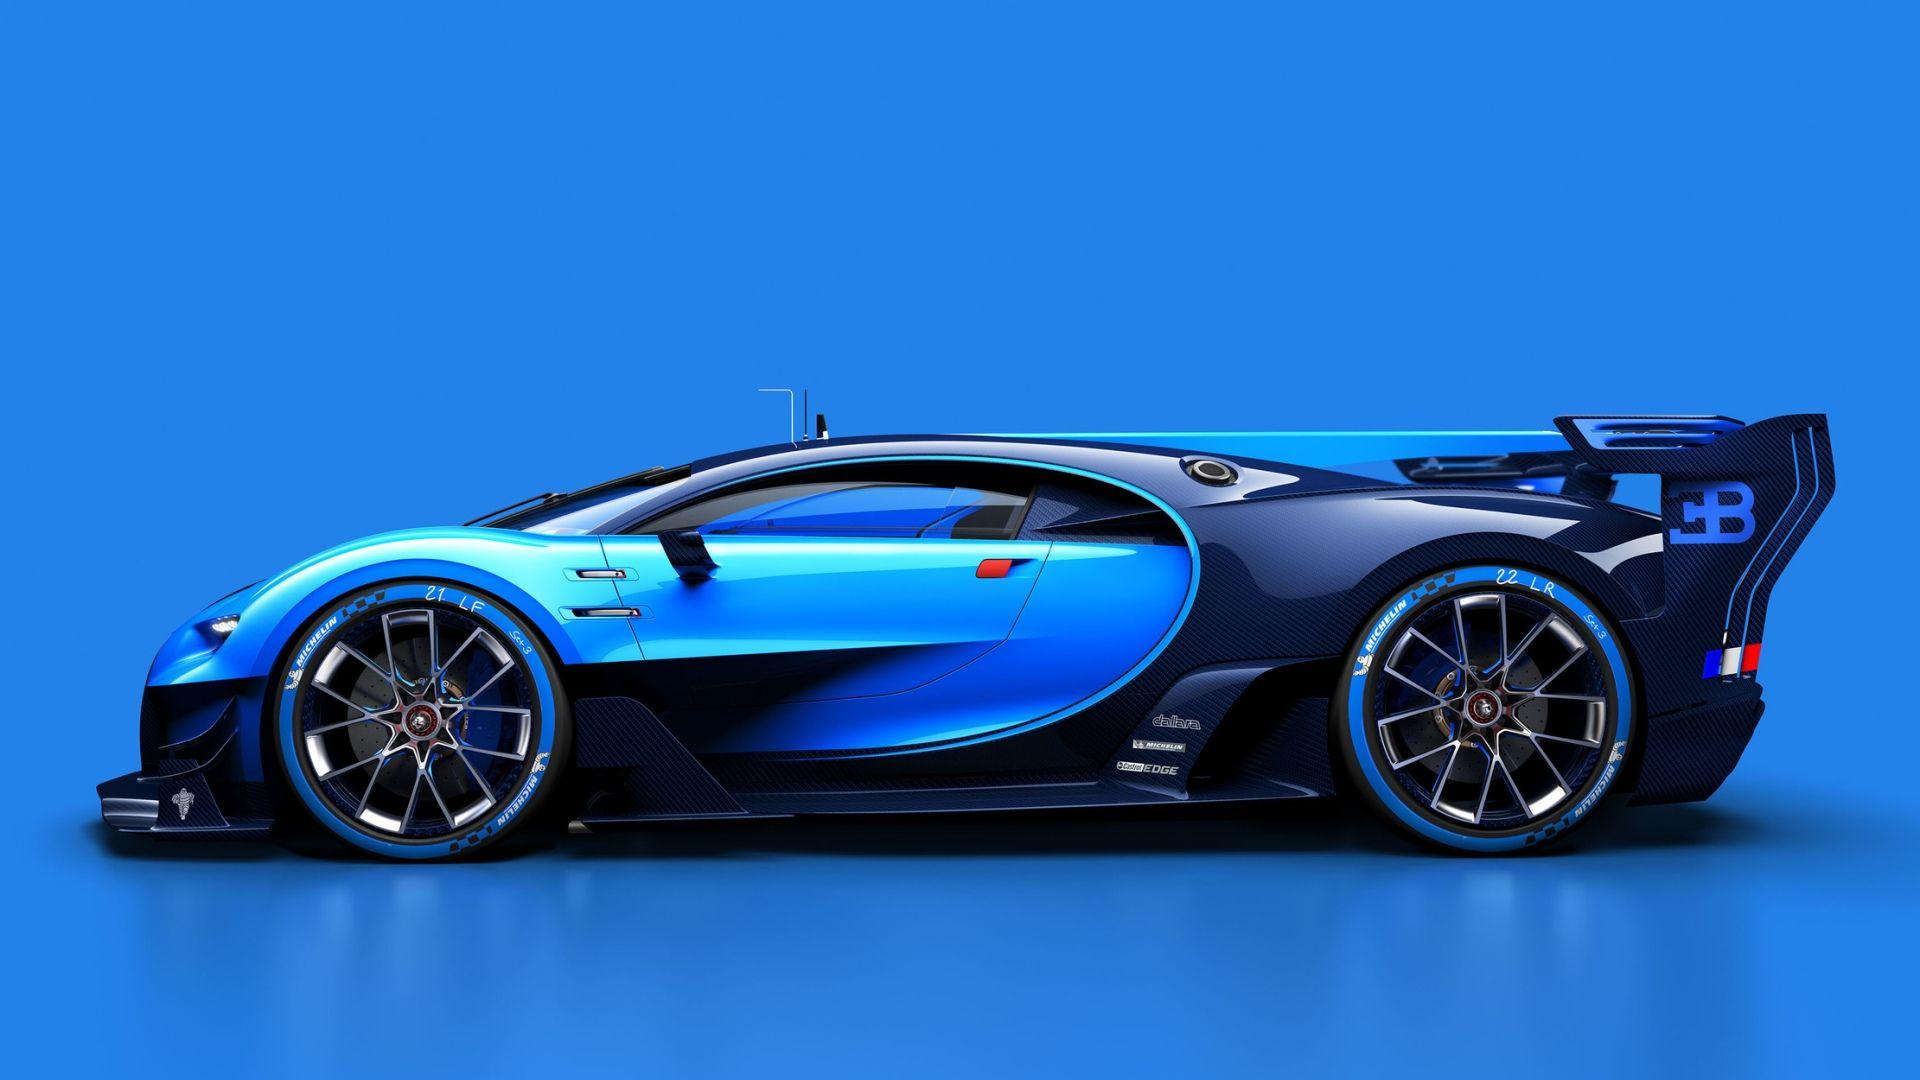 Bugatti Vision Gran Turismo Super Car Bugatti Bugatti Super Cars